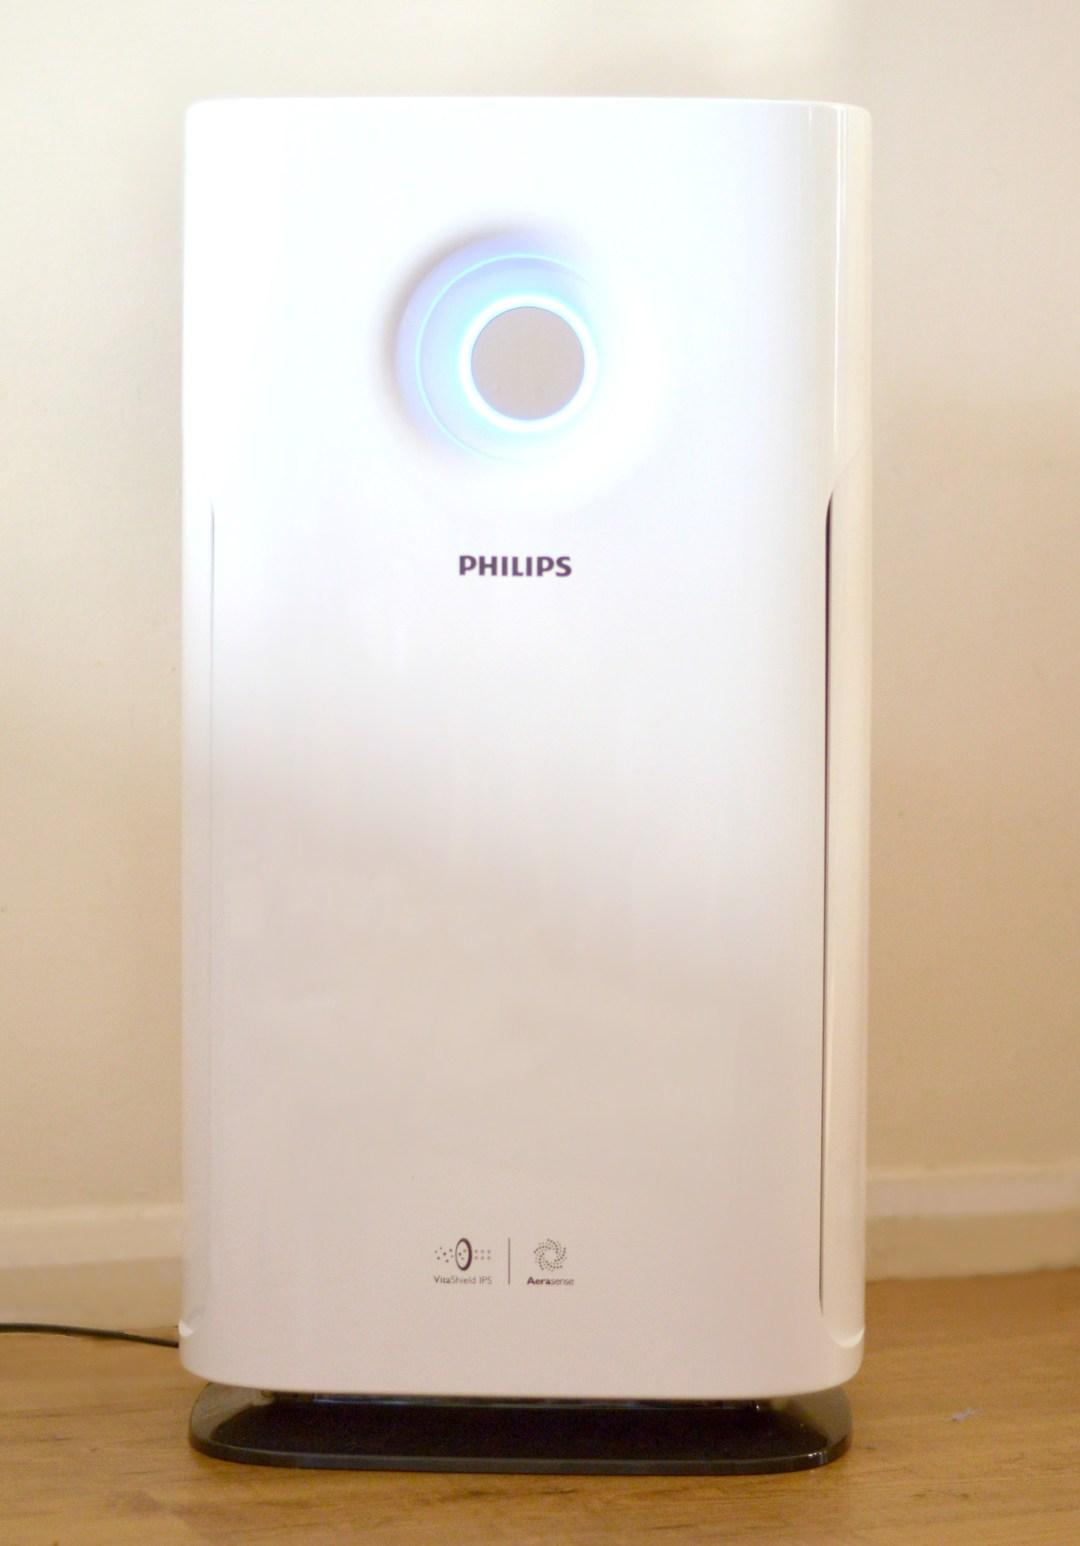 philips 300 air purifier